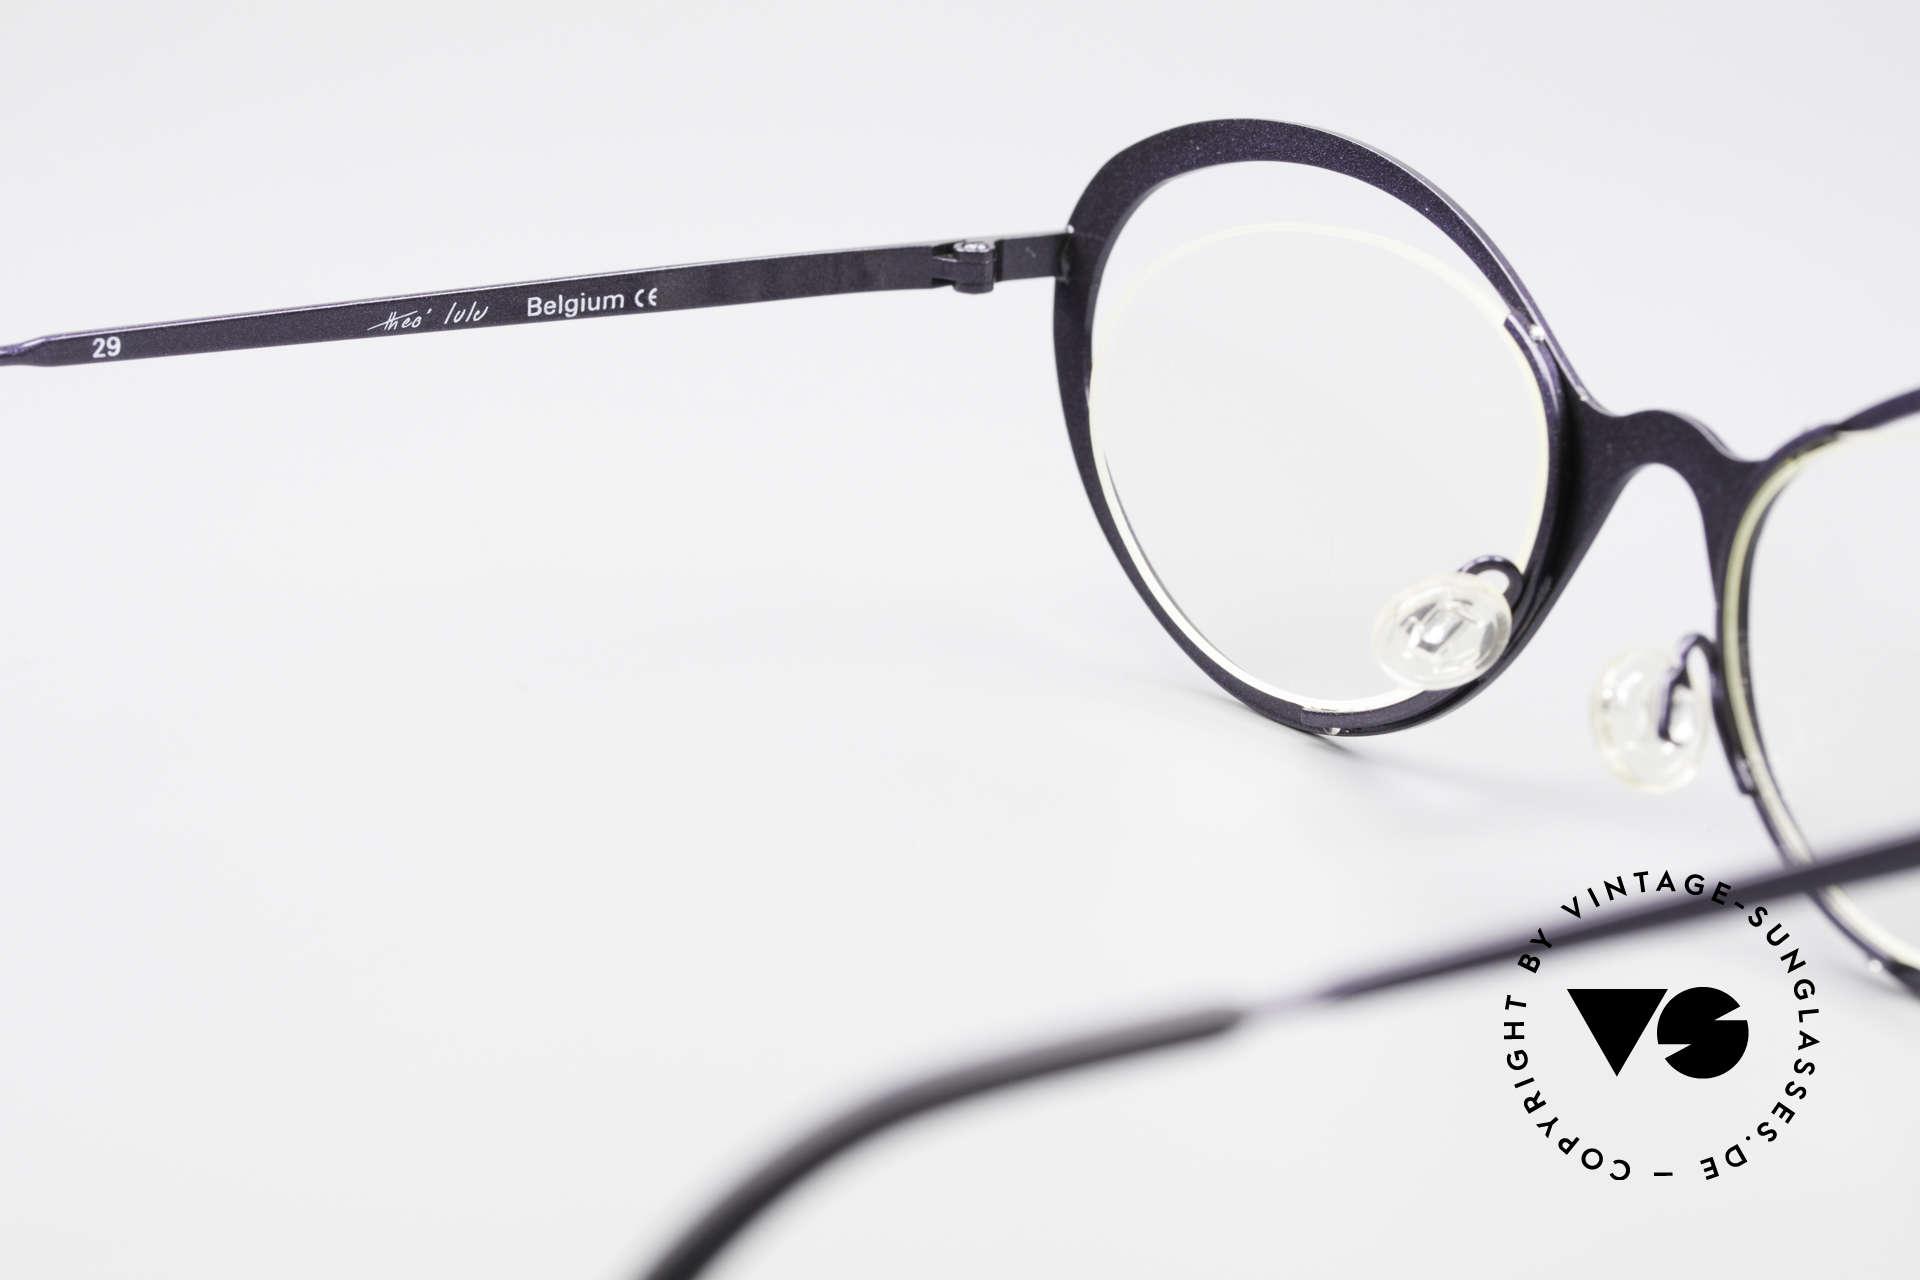 Theo Belgium LuLu Randlose Cateye Brille 90er, KEINE RETRObrille; ein ca. 20 Jahre altes ORIGINAL, Passend für Damen